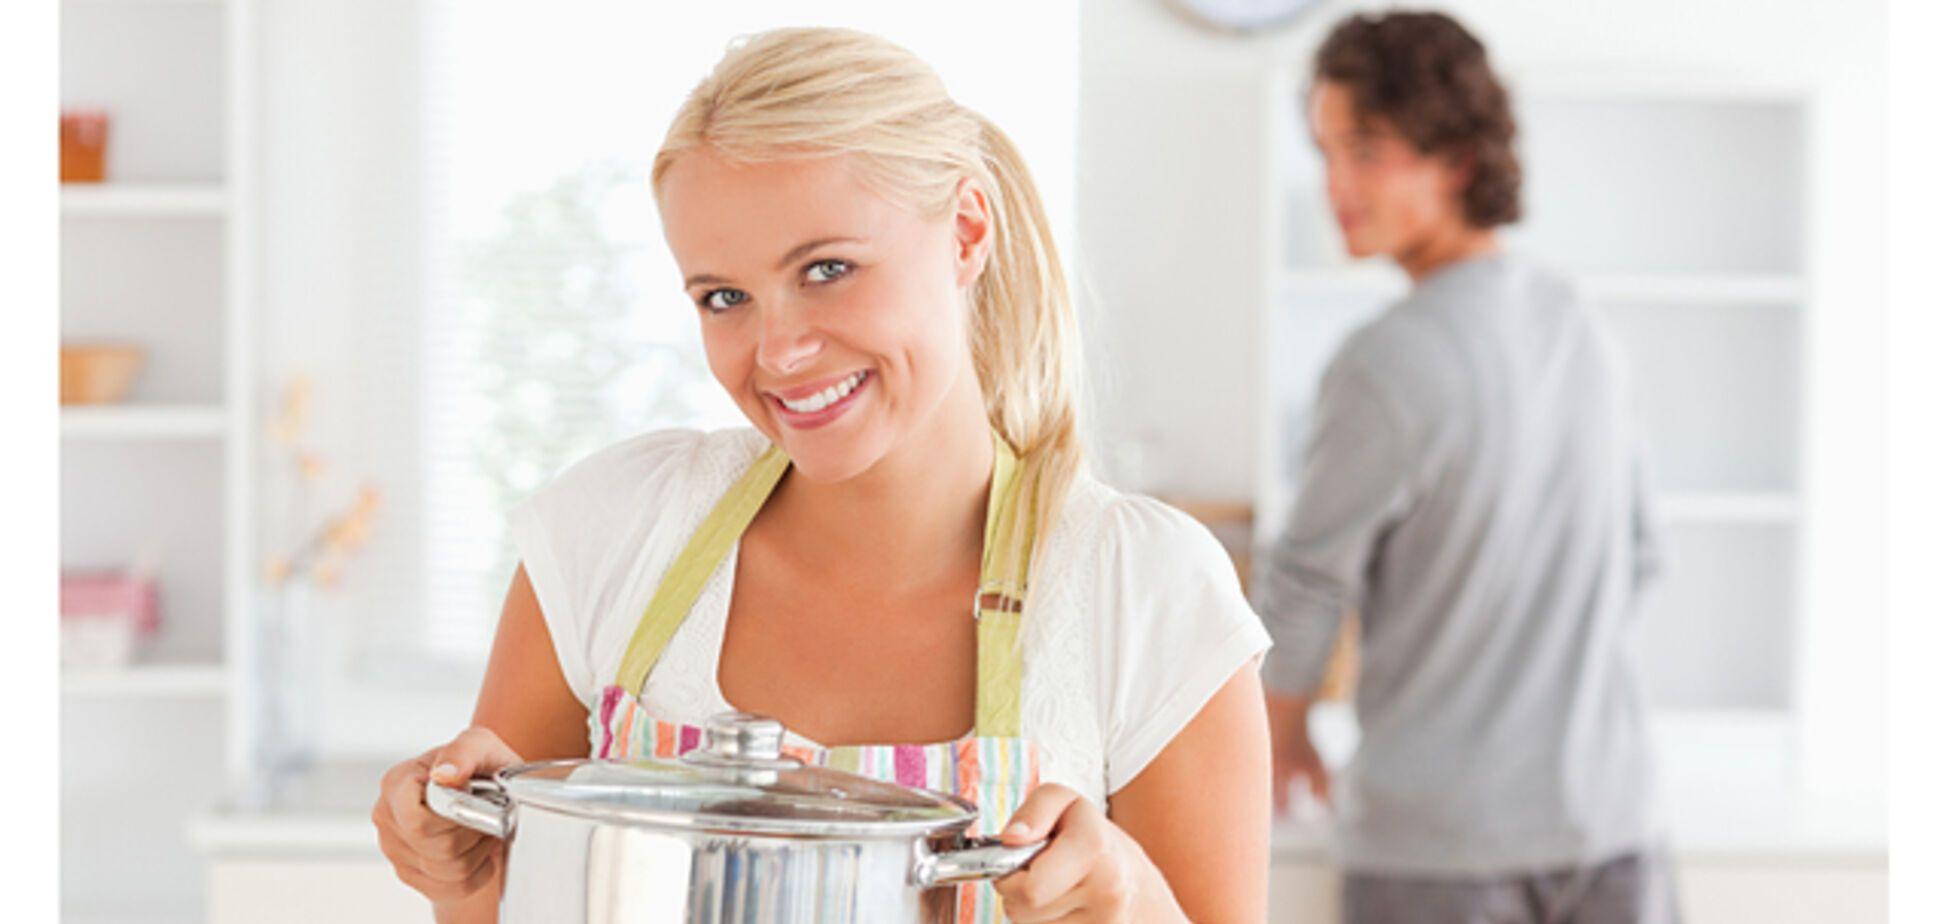 Літнє меню: кращі рецепти смачних холодних супів